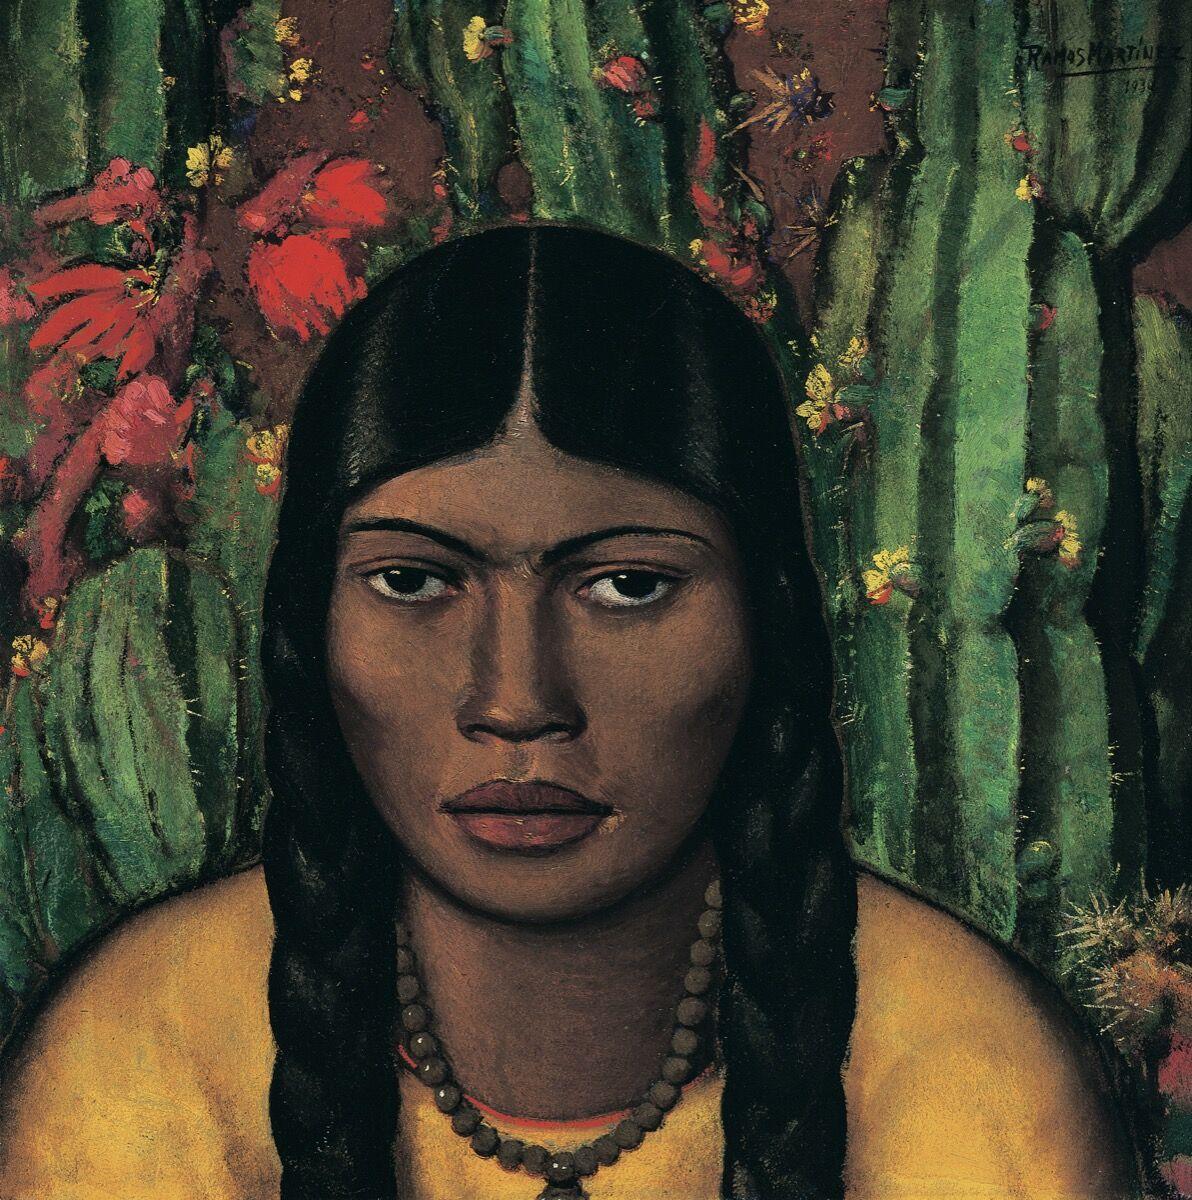 Alfredo Ramos Martínez, Mancacoyota, 1930. © Proyecto de investigación Alfredo Ramos Martínez.  Cortesía del Museo de Arte de Dallas.